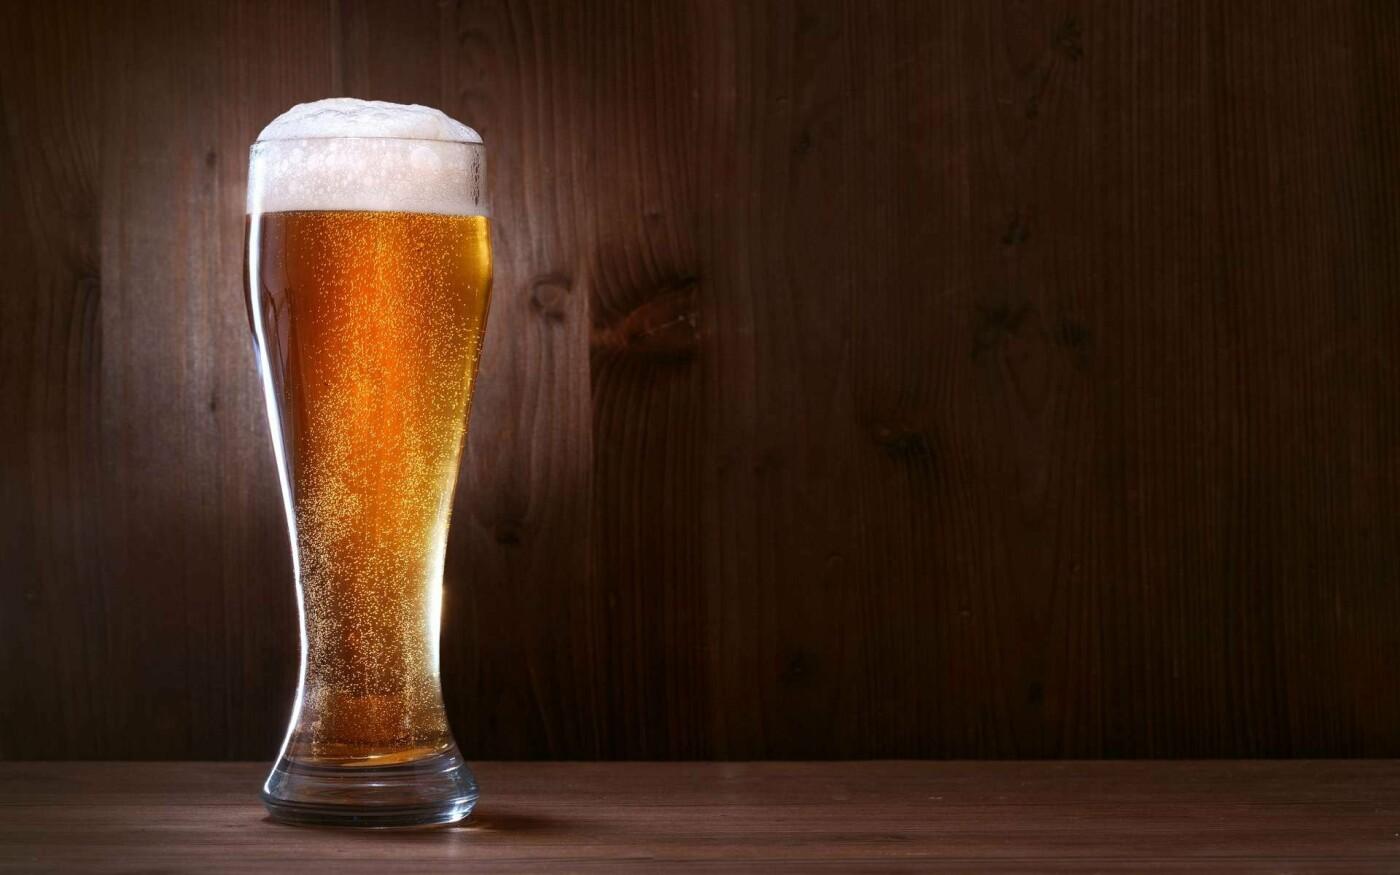 Харьковские еноты и бельгийское пиво. ТОП-5 открывшихся этим летом заведений, - ФОТО, фото-2